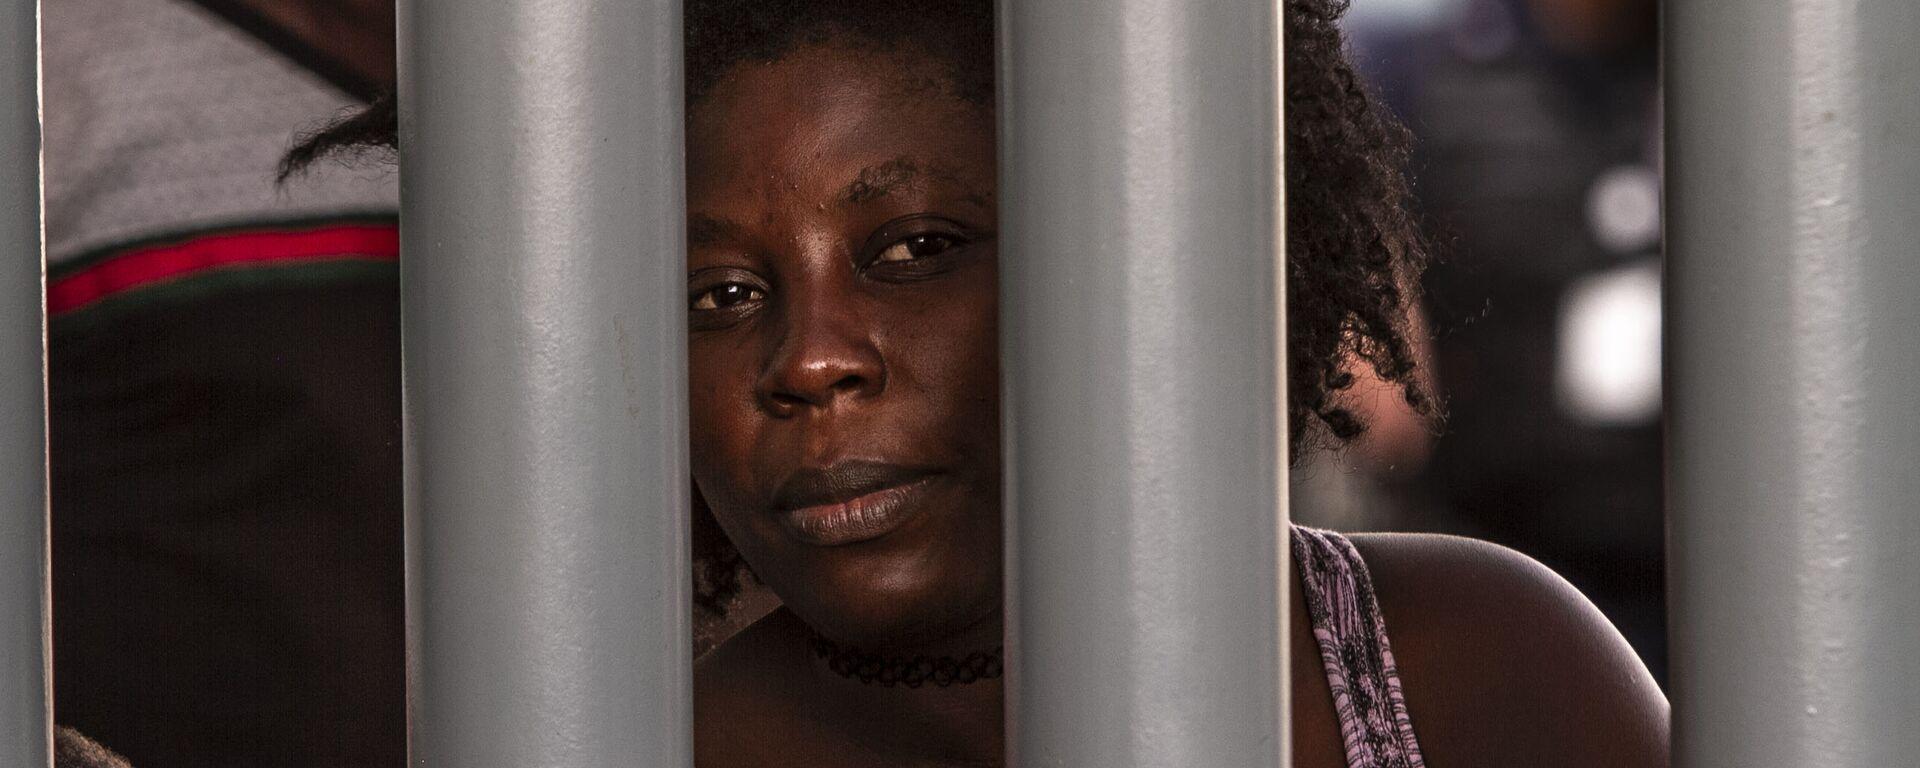 Tapachula, Chiapas: Mujer haitiana espera que le resuelvan su situación migratoria en la Estación Siglo XXI - Sputnik Mundo, 1920, 19.04.2019